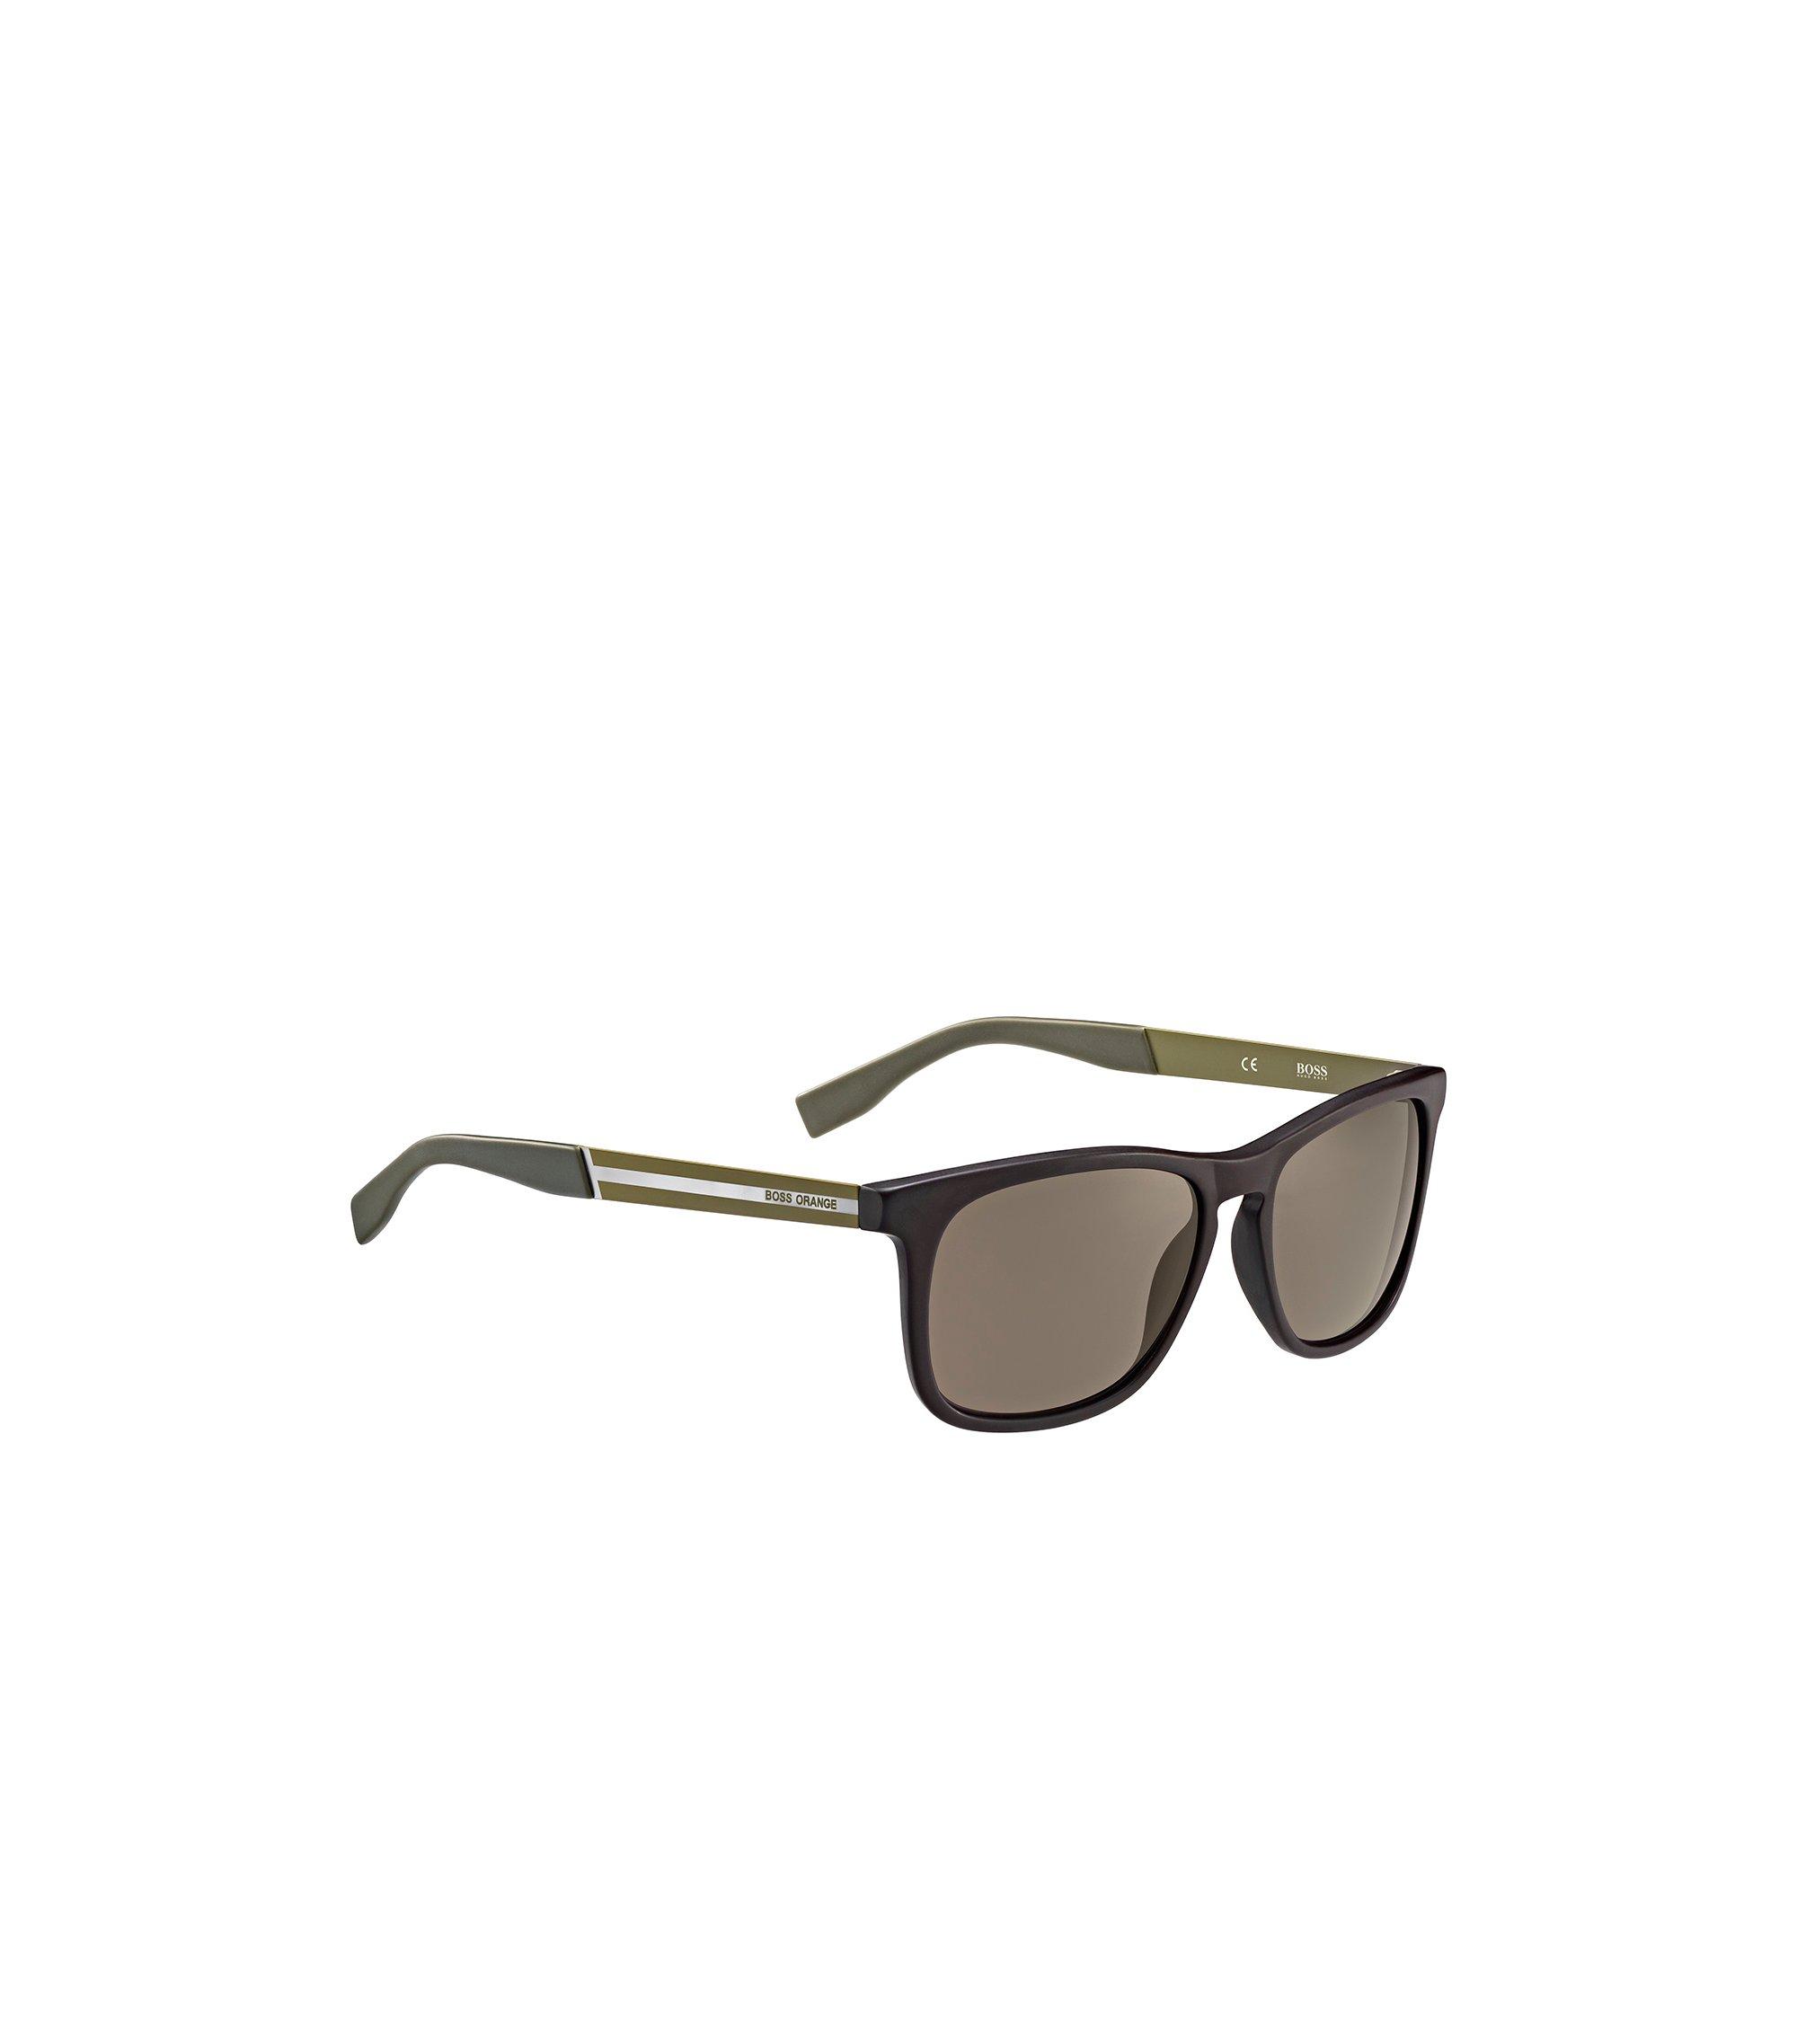 Sonnenbrille mit rechteckiger Kunststofffassung in Braun und Grün: 'BO 0245/S', Assorted-Pre-Pack